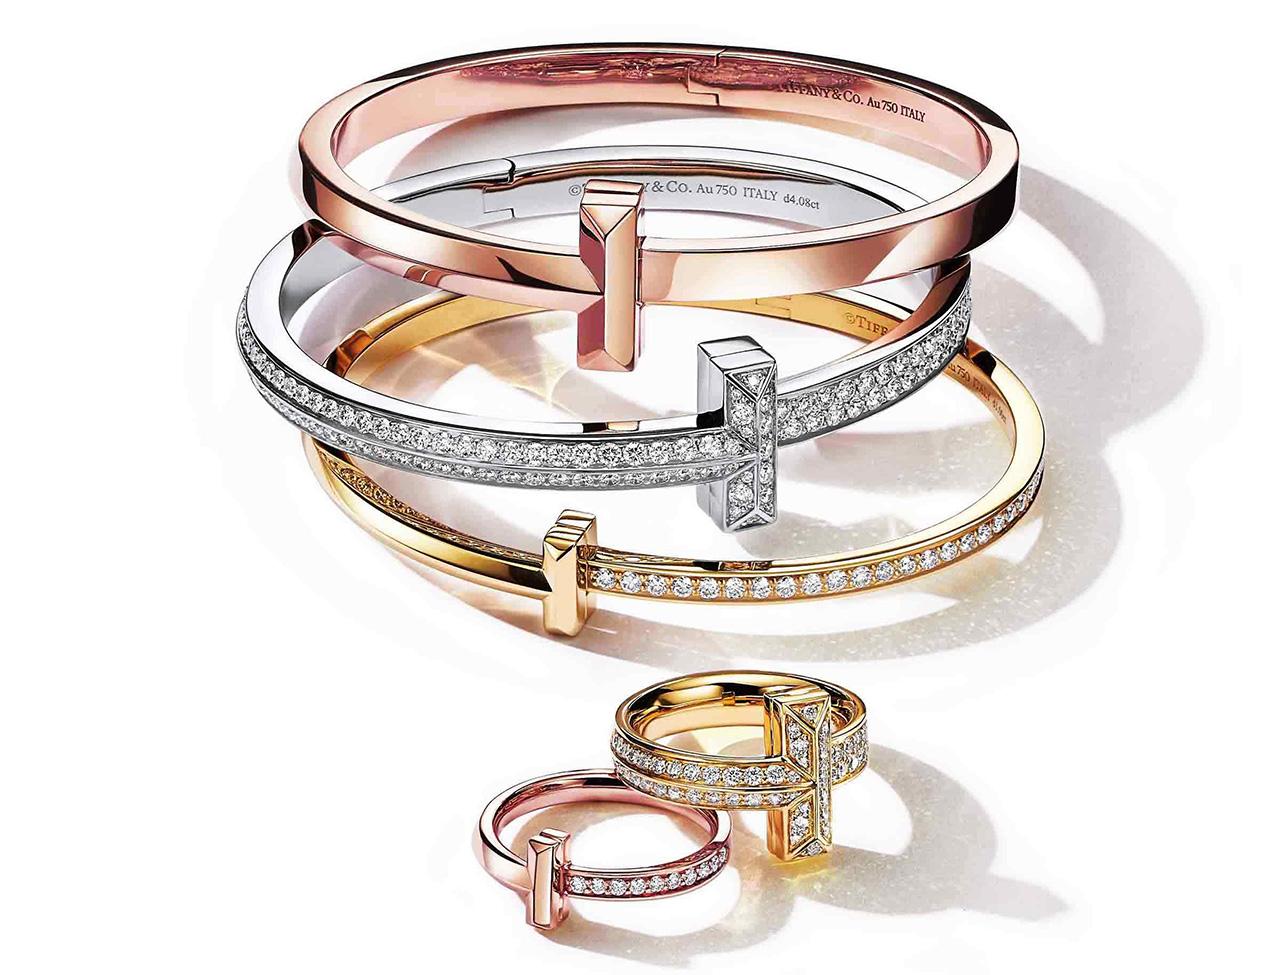 DAFC là nhà phân phối thương hiệu Tiffany&Co. tại Việt Nam